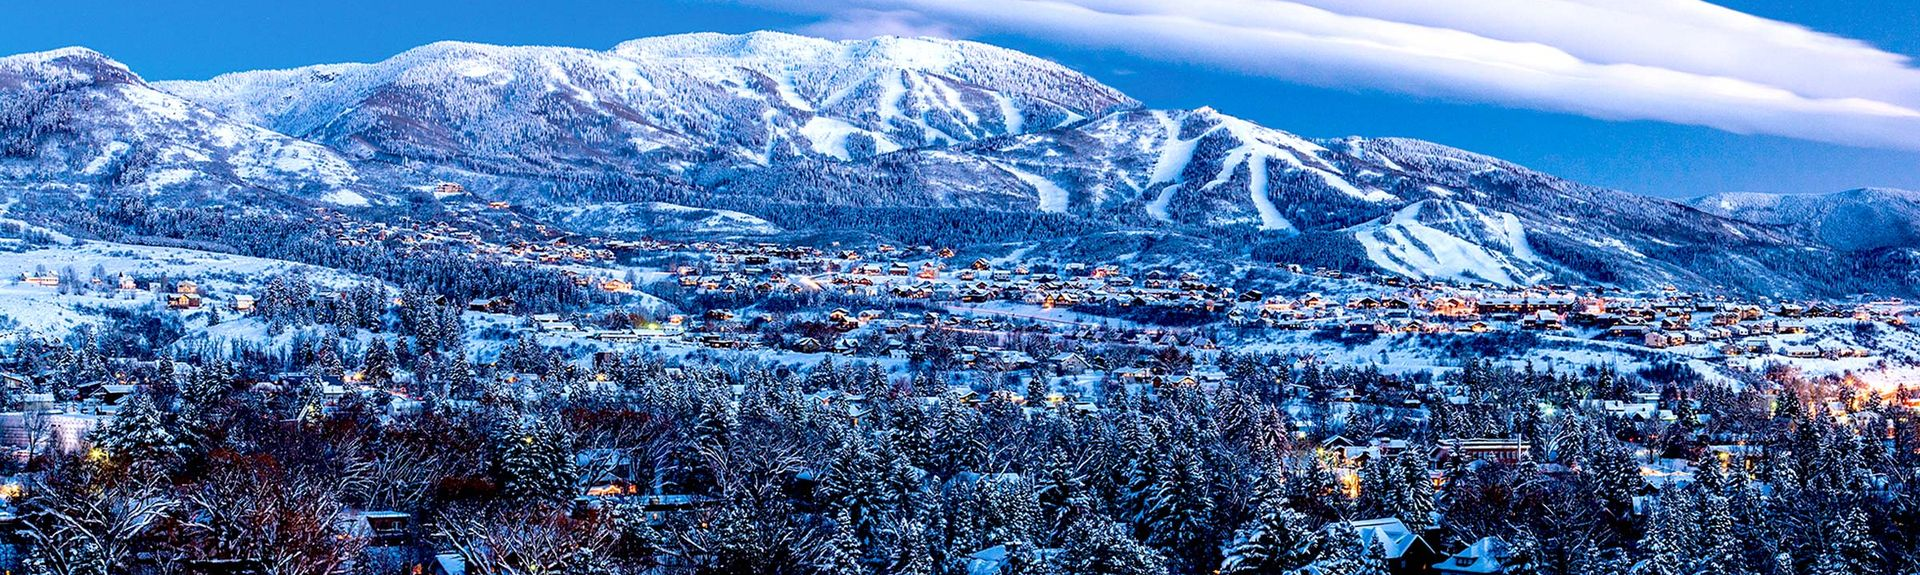 Old Town, Steamboat Springs, Colorado, États-Unis d'Amérique